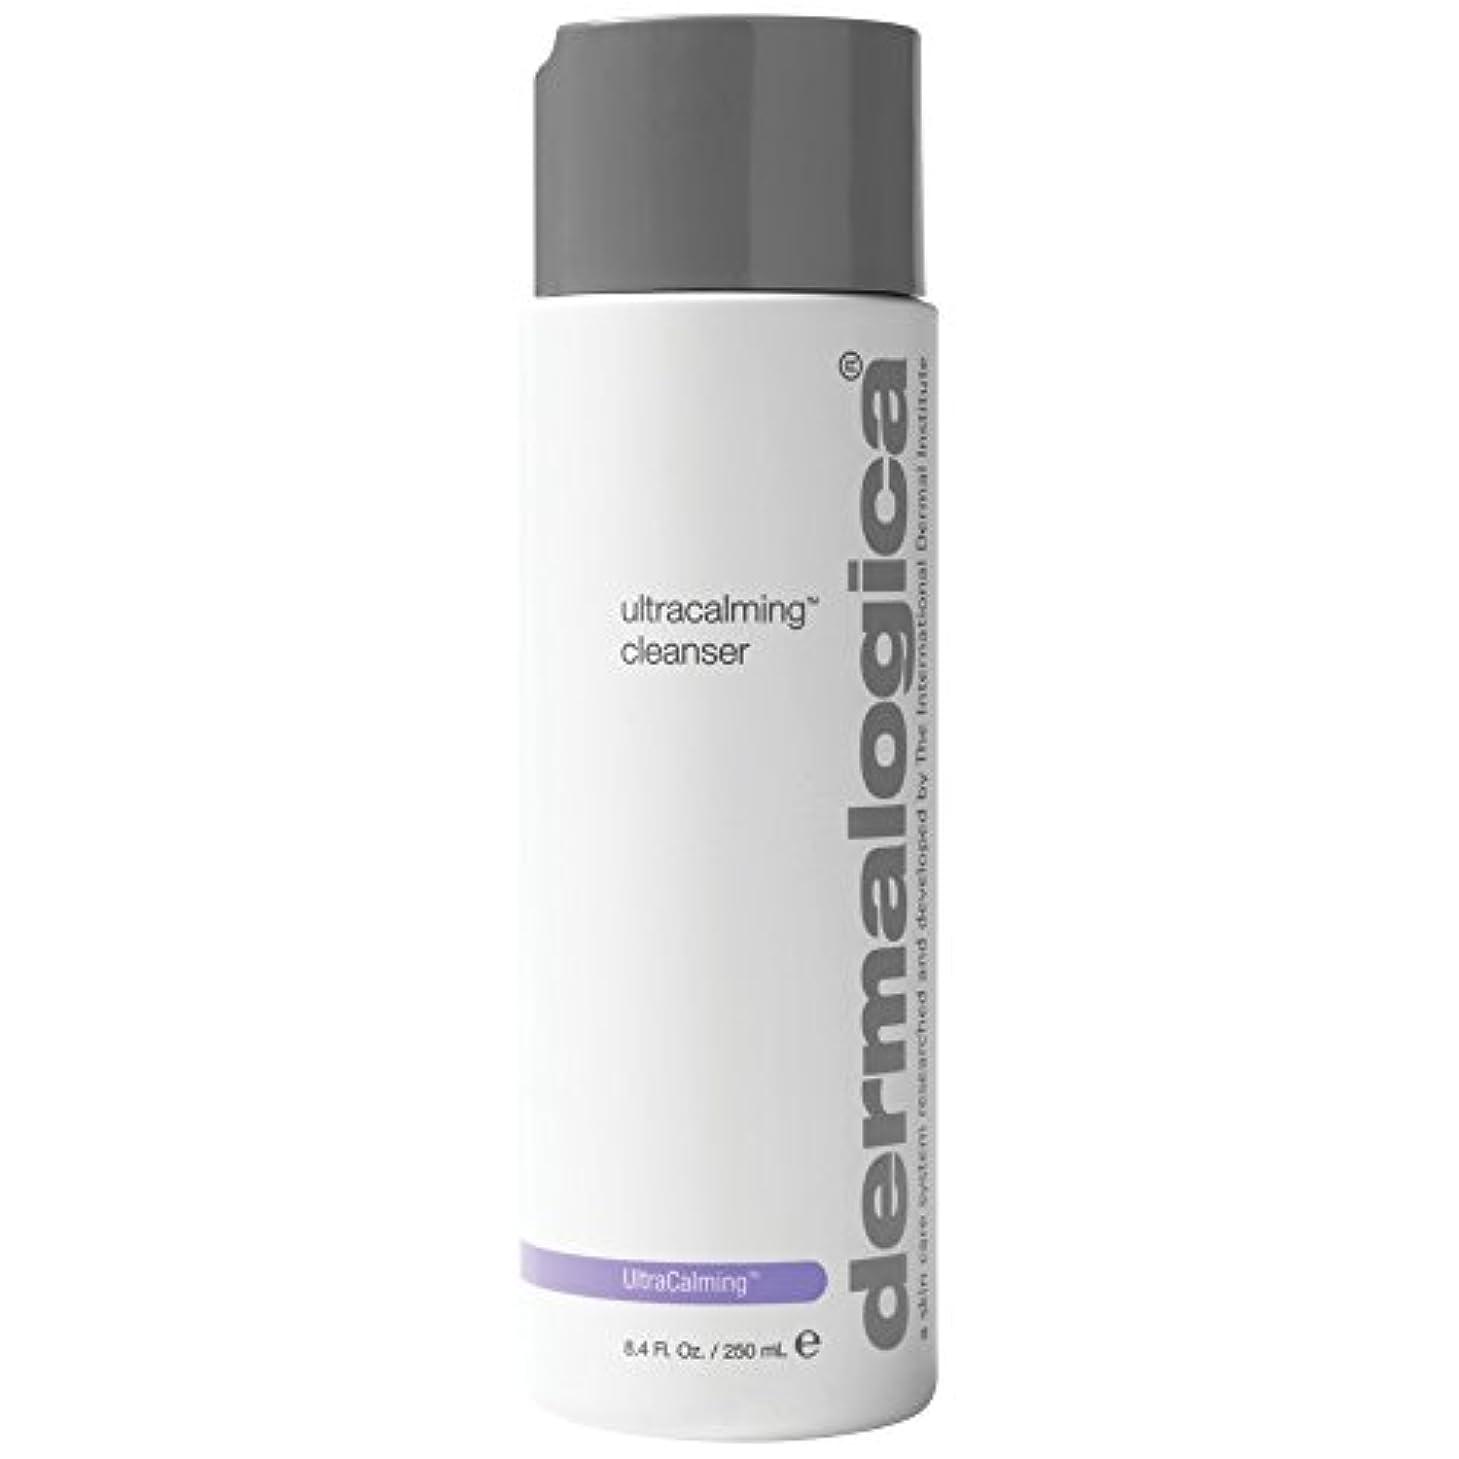 来て発行イソギンチャクダーマロジカUltracalming?クレンザーの250ミリリットル (Dermalogica) (x6) - Dermalogica UltraCalming? Cleanser 250ml (Pack of 6) [...